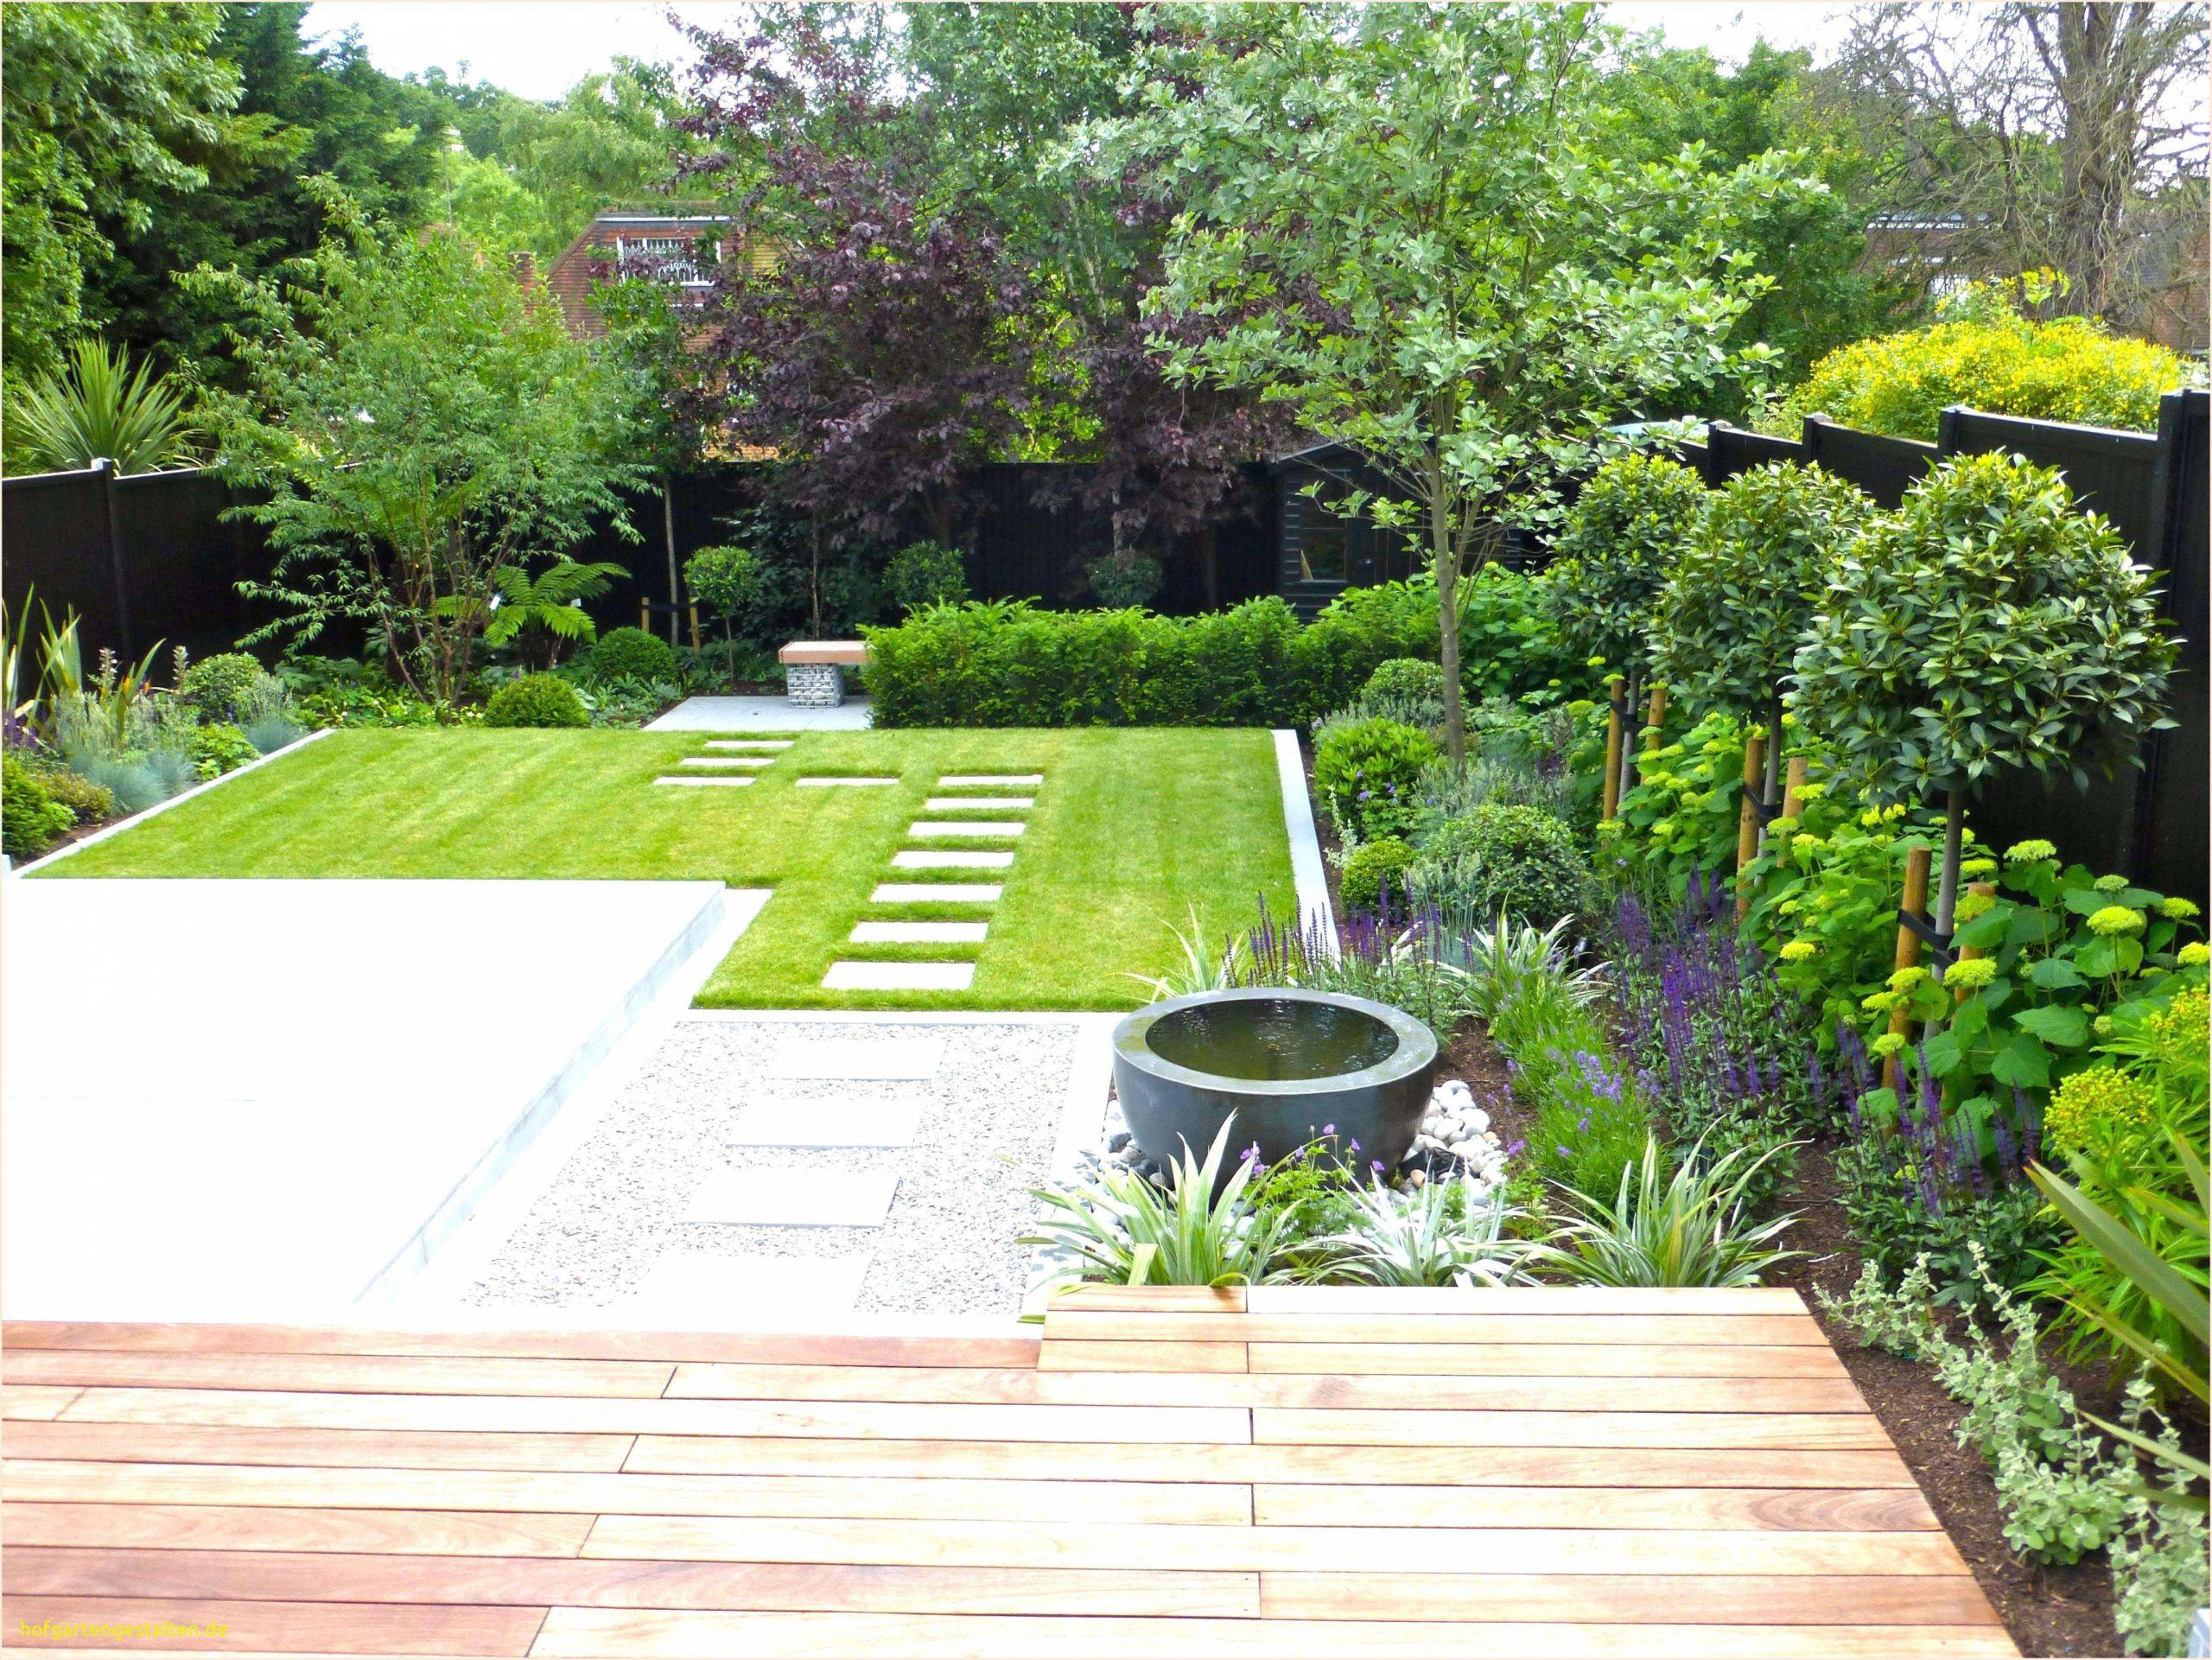 Gartenstecker Selber Machen Elegant Gartendeko Selbst Gestalten — Temobardz Home Blog